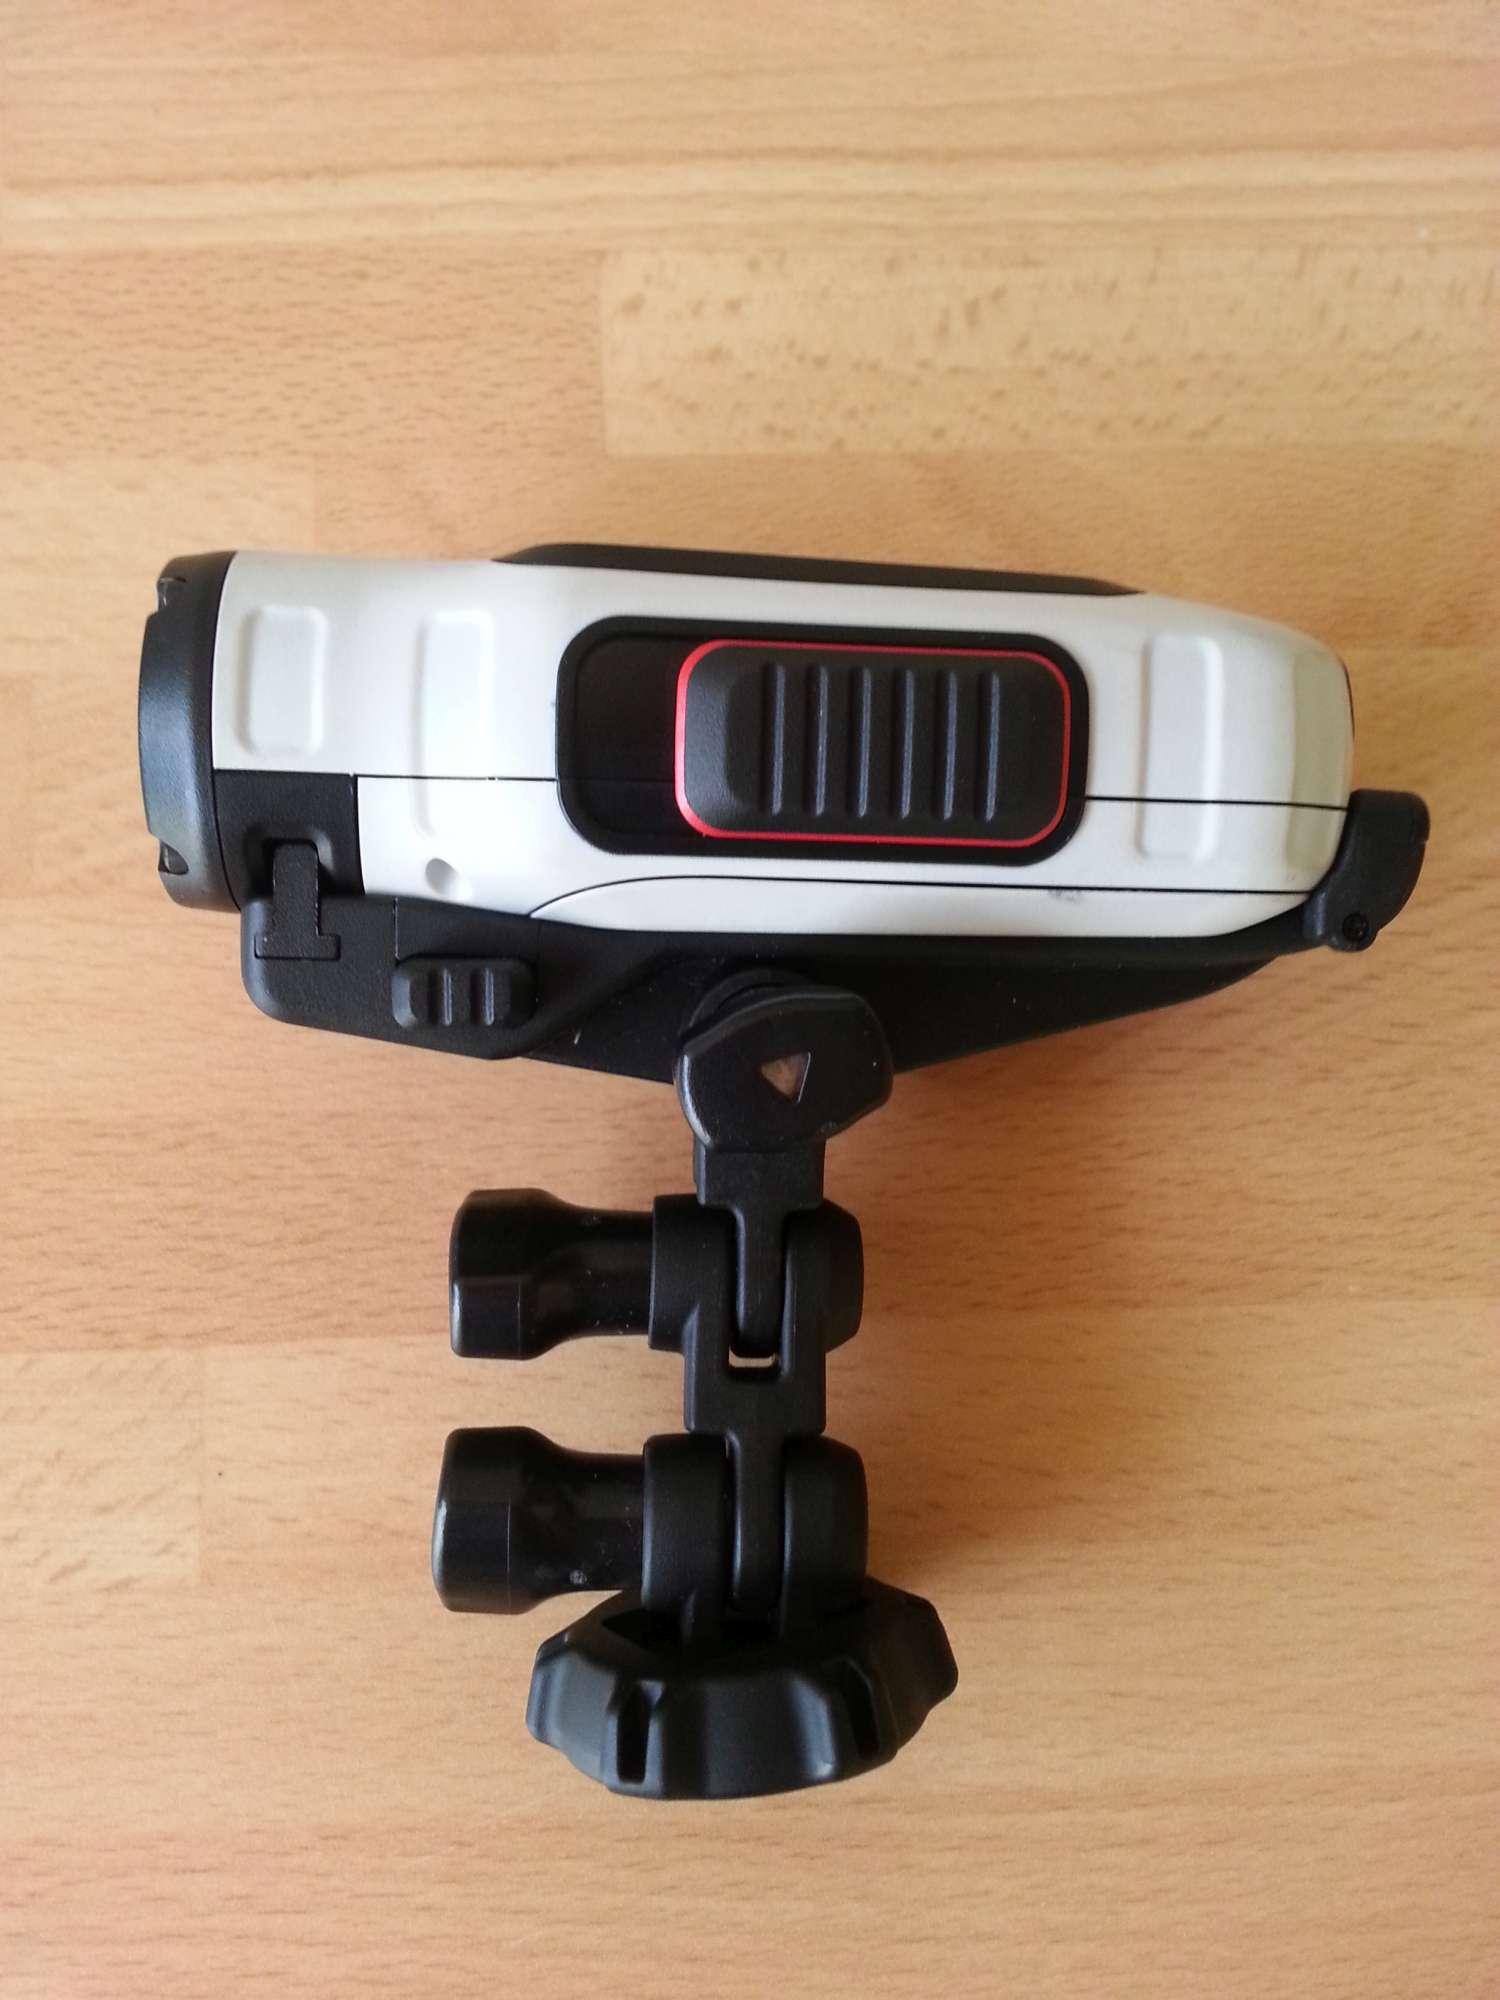 Garmin-VIRB-camera-incradle